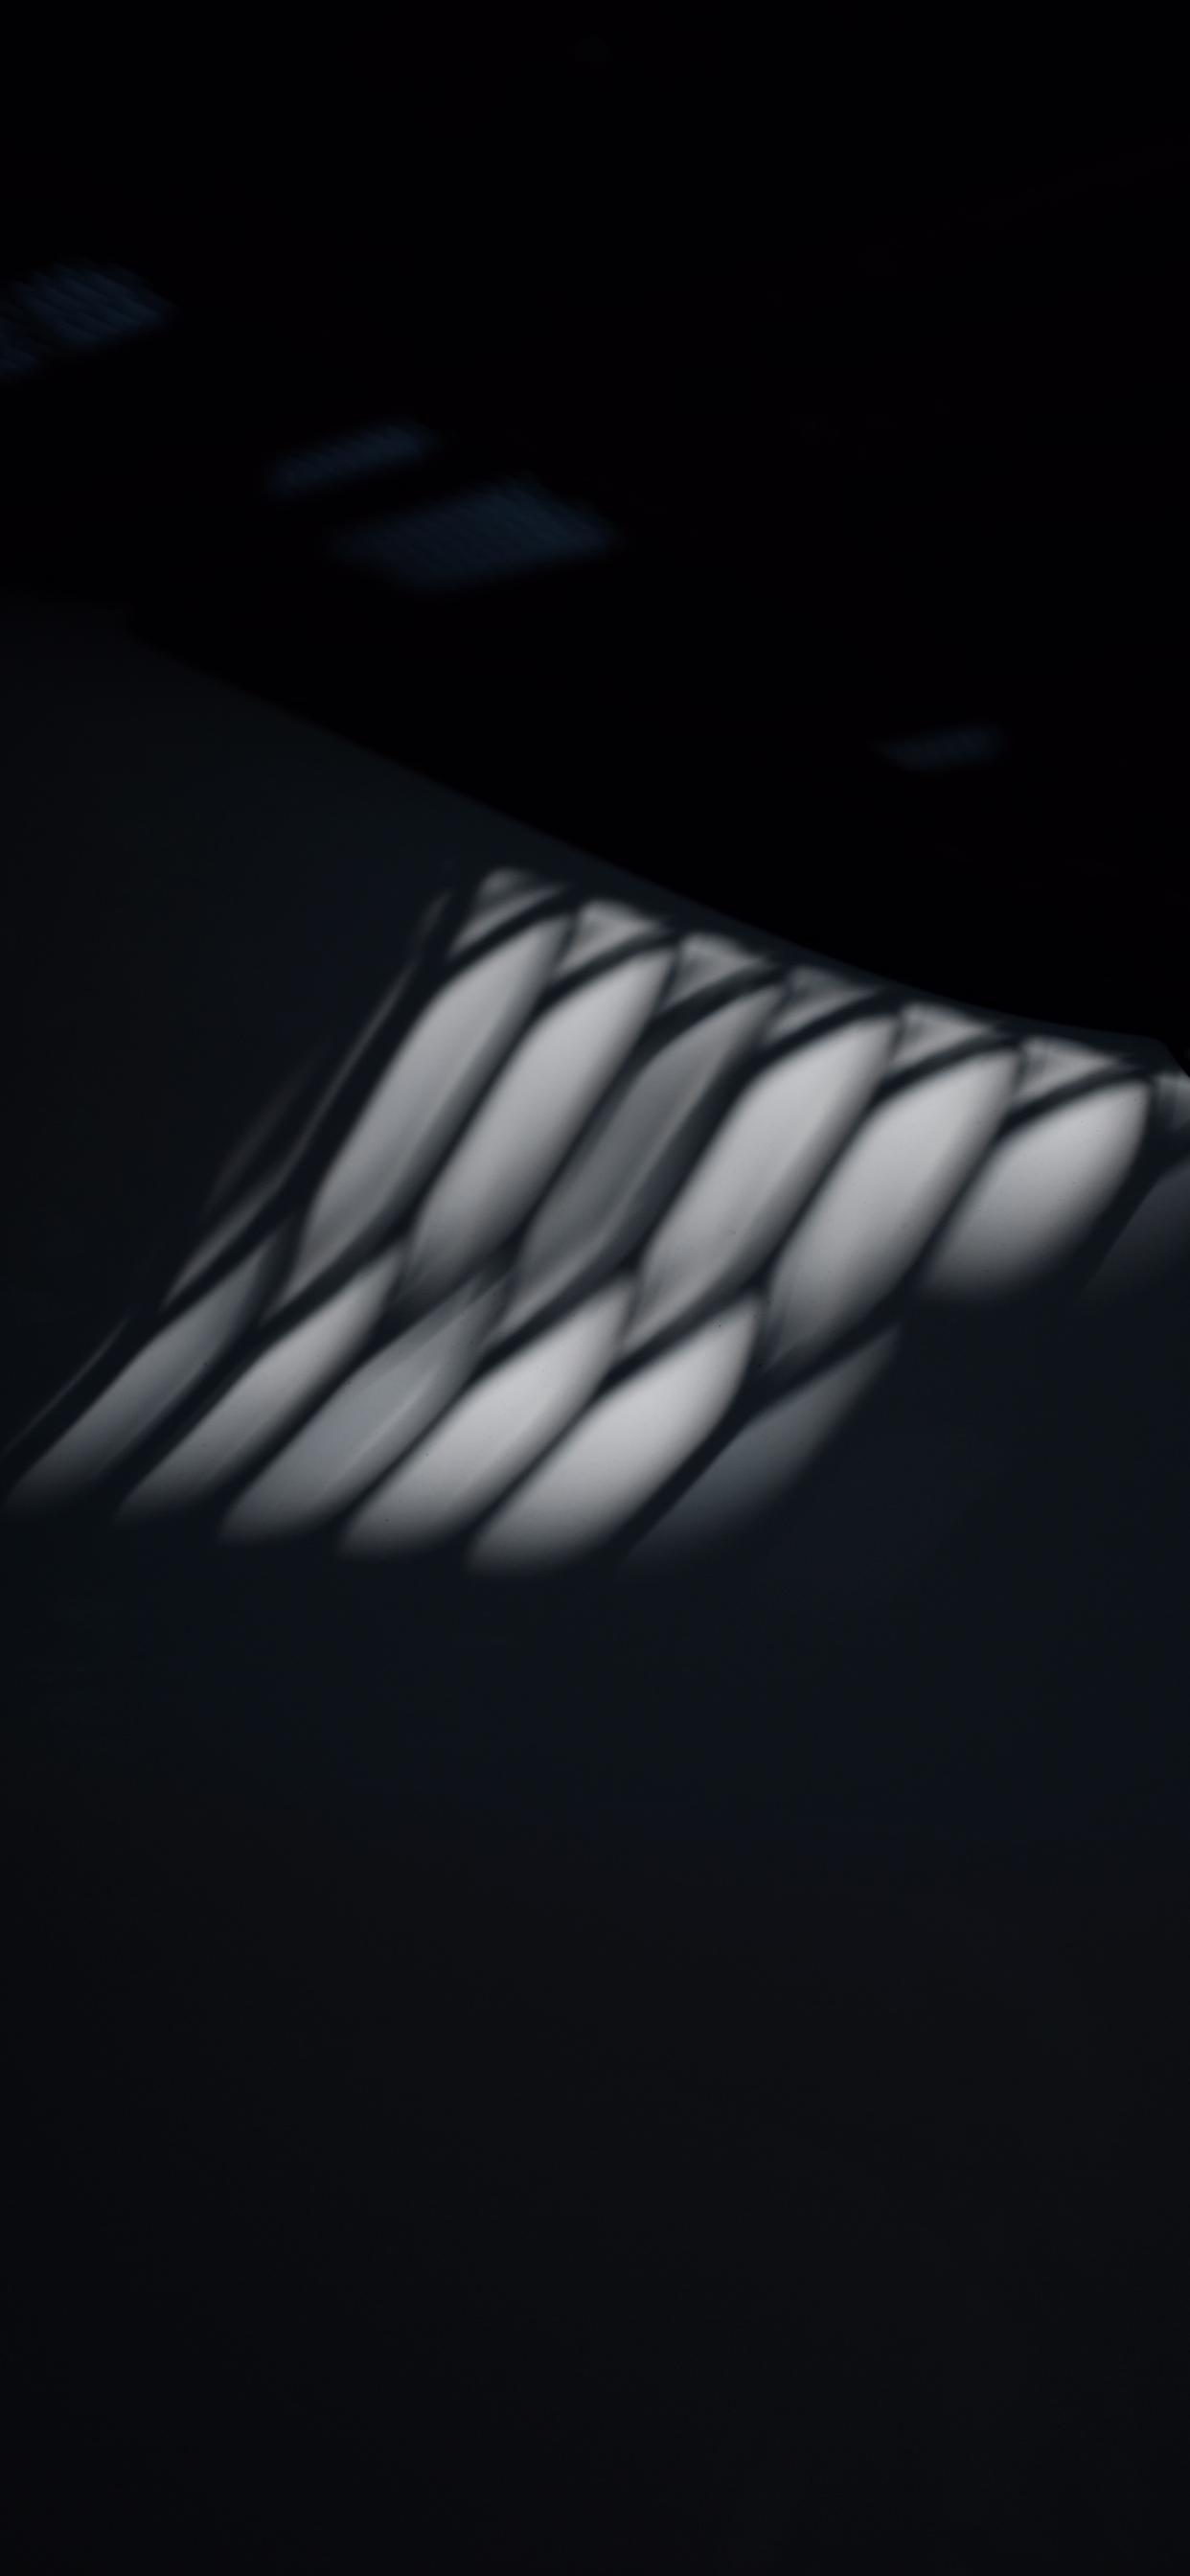 iPhone wallpapers shades ligths matsuyama Fonds d'écran iPhone du 16/08/2019